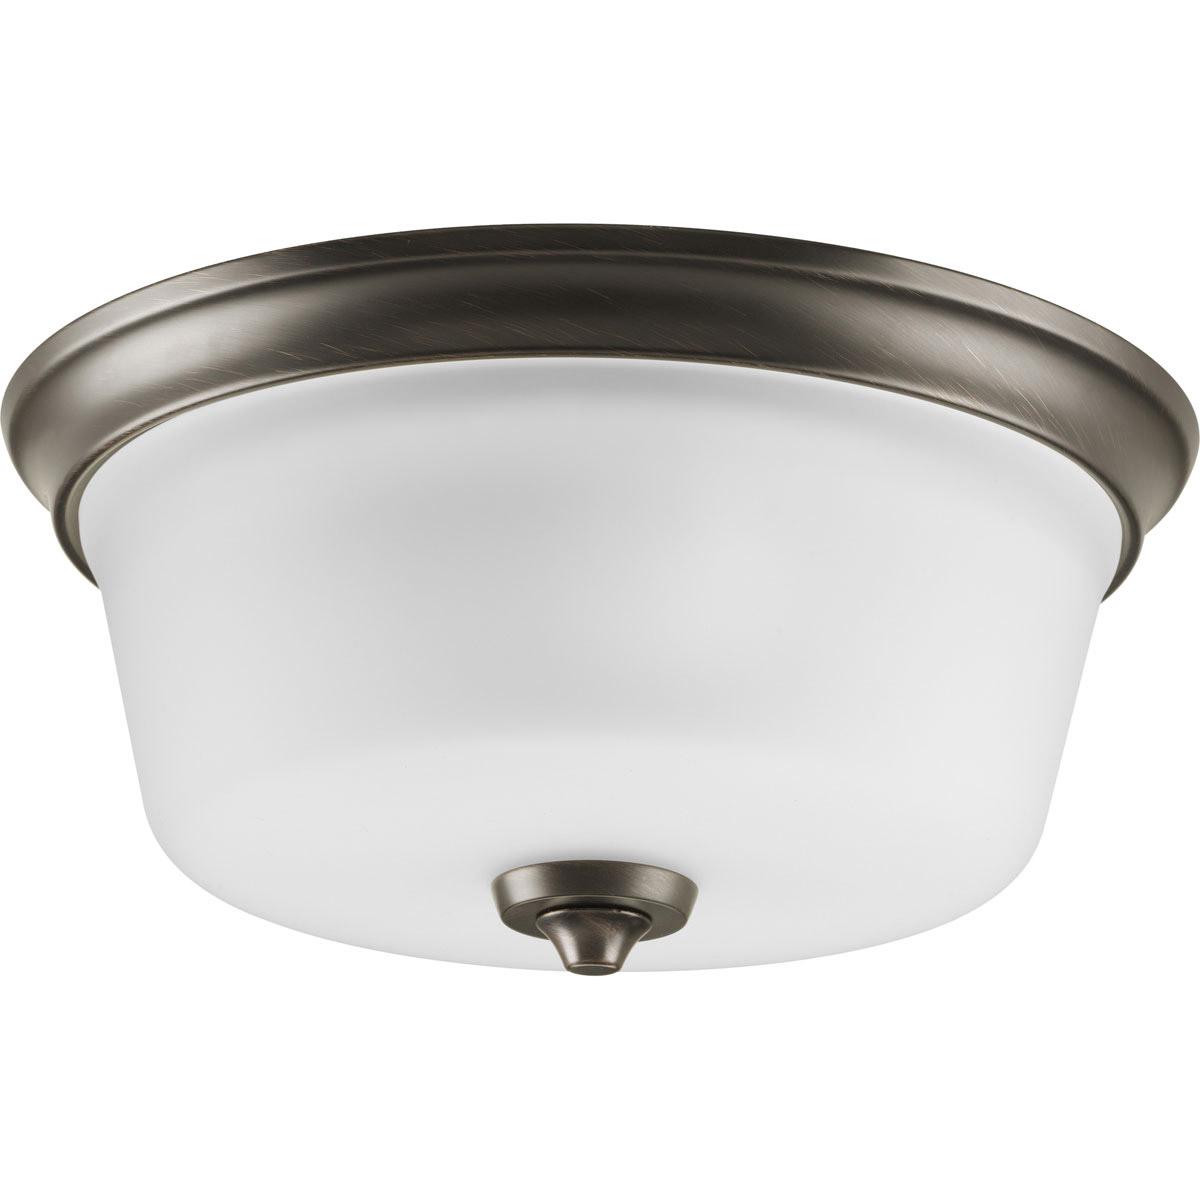 Flush Mount Light Fixture 1200 x 1200